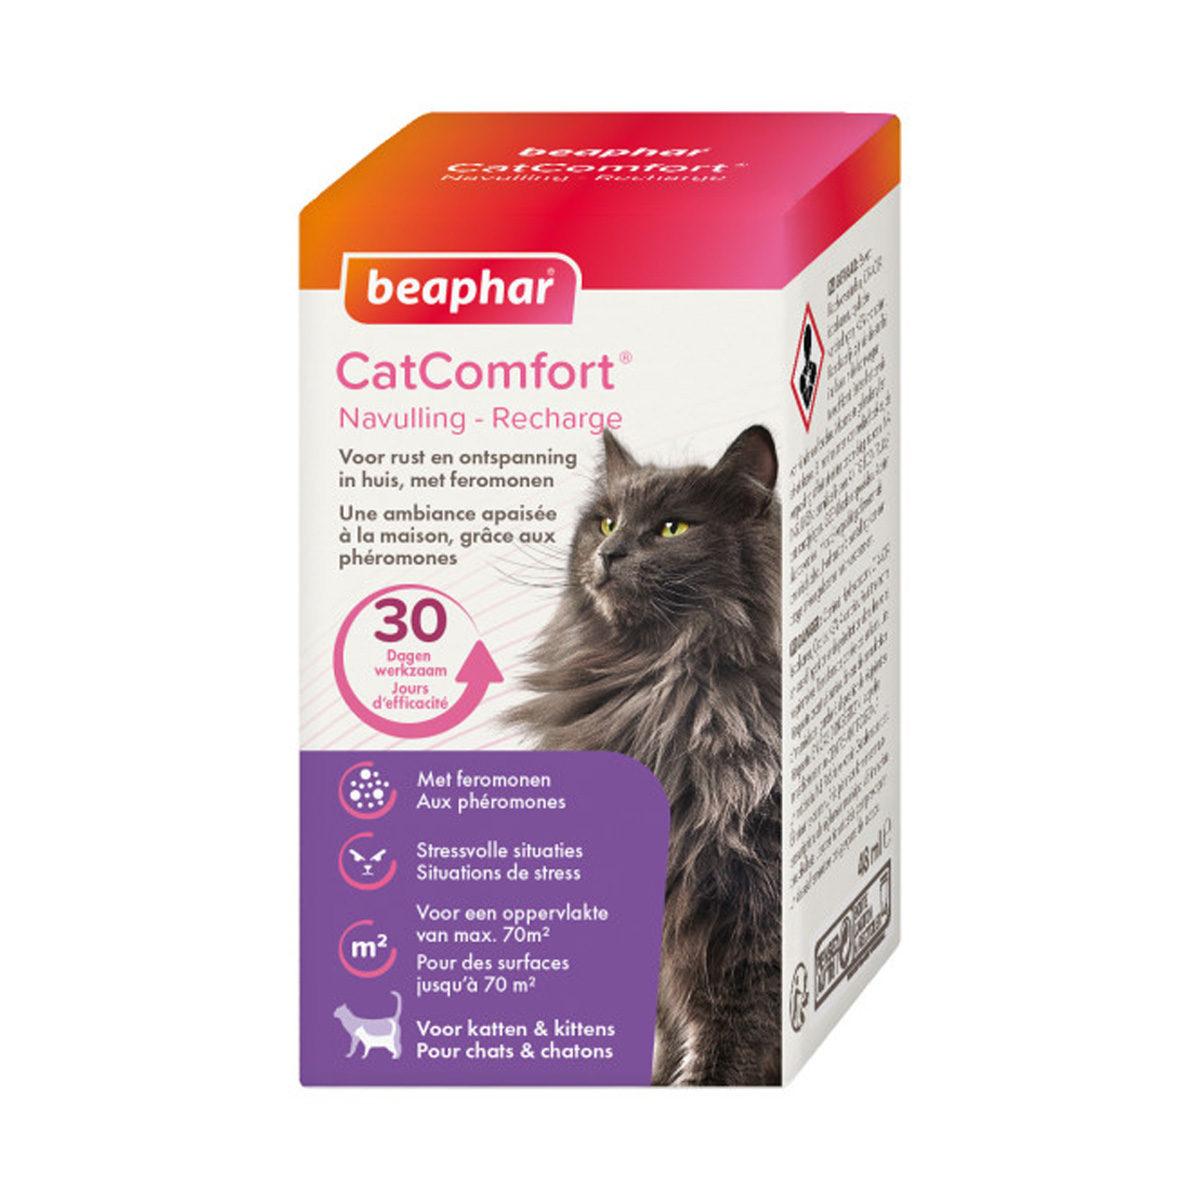 Beaphar CatComfort & Navulling Voor Verdamper 48ml